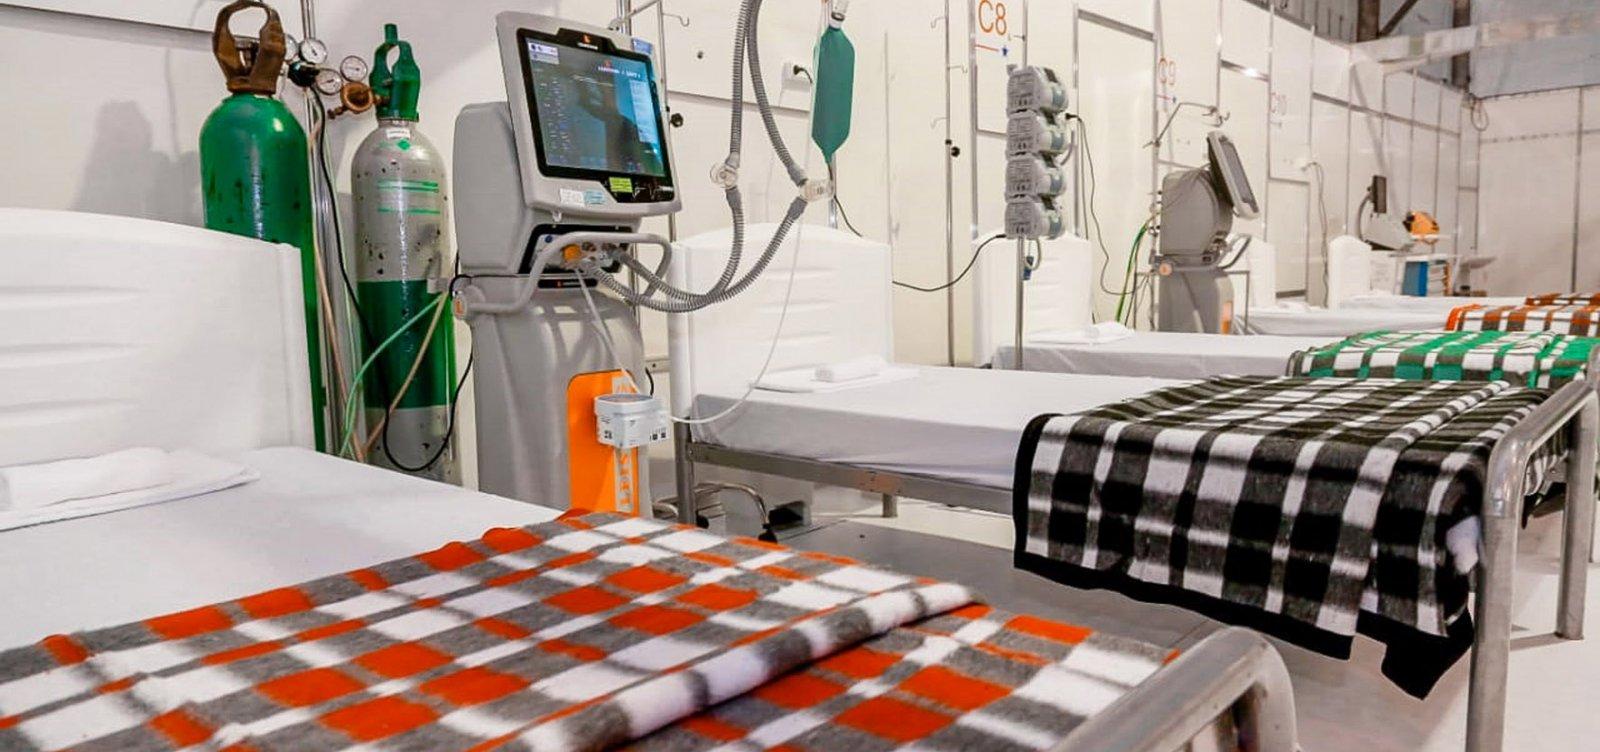 Mais de 15 mil profissionais de saúde da Bahia foram infectados pelo coronavírus